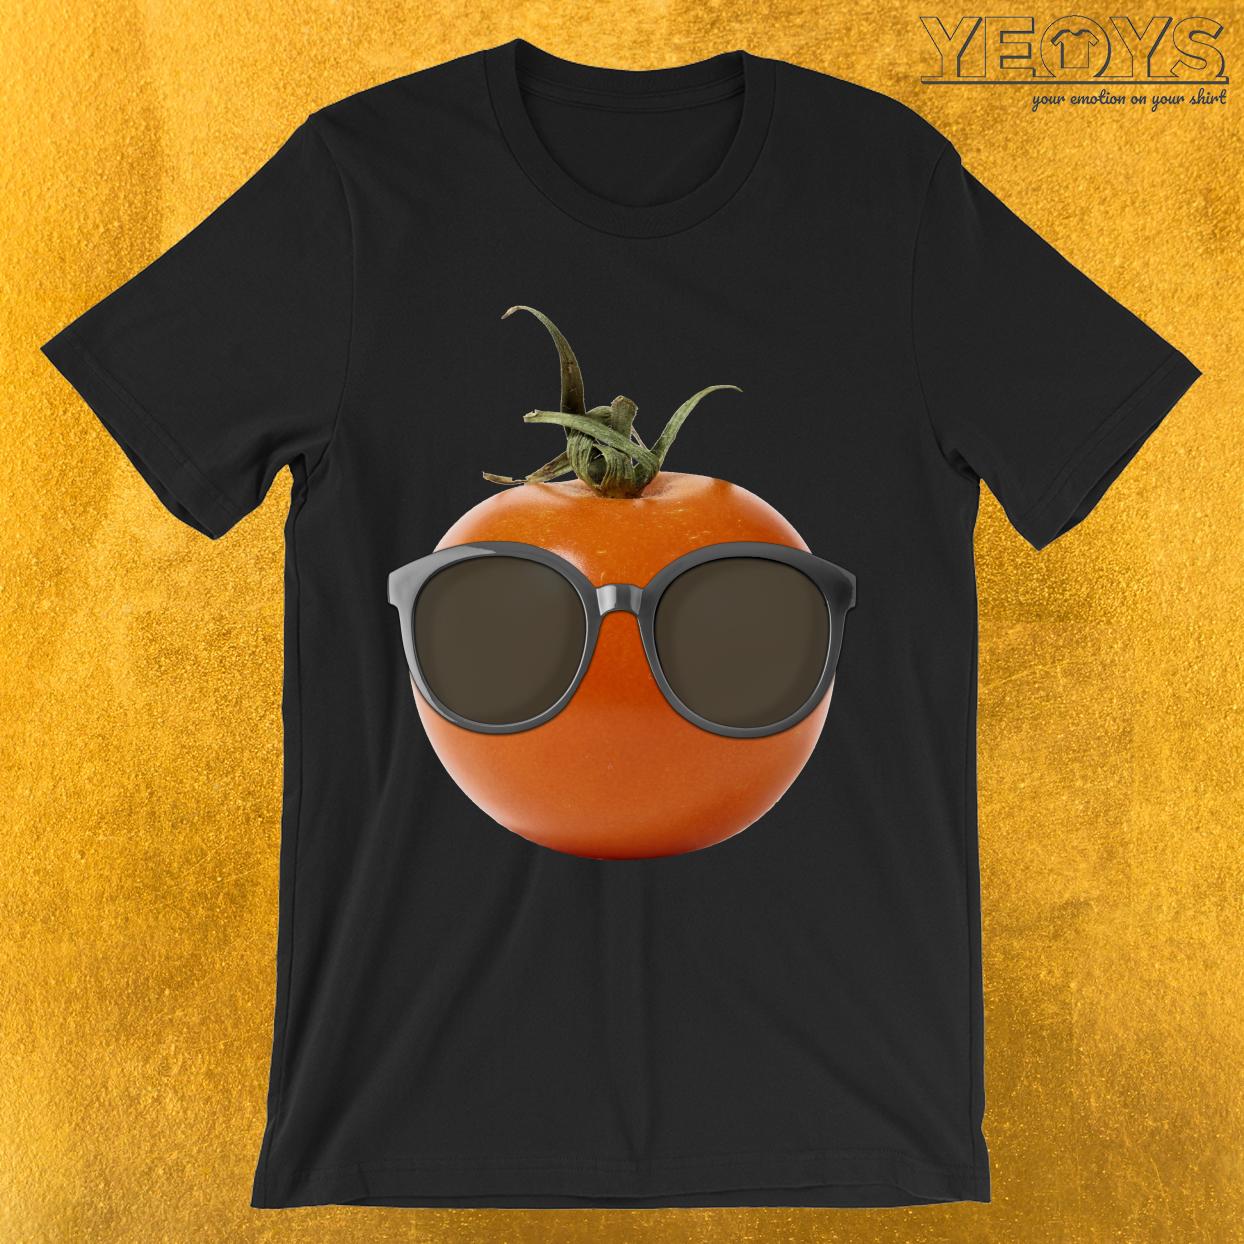 Cool Tomato Wearing Sunglasses T-Shirt